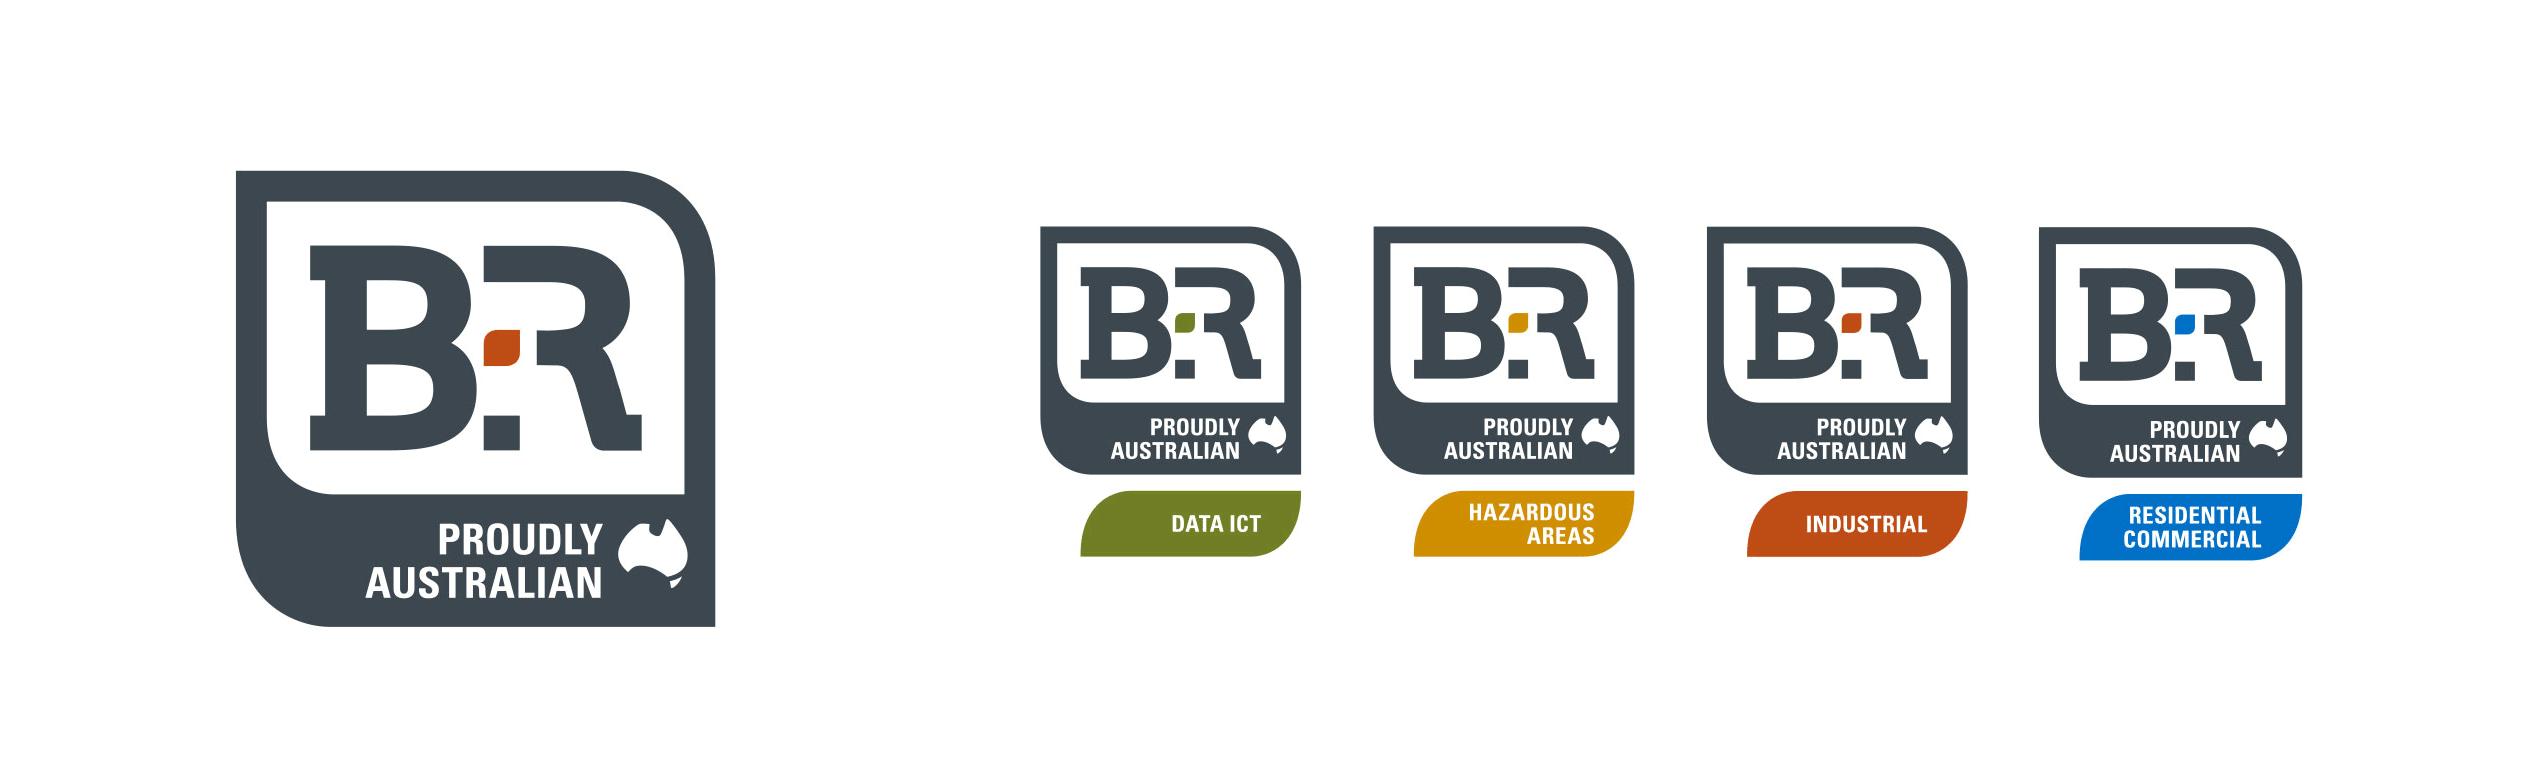 B&R brandmark family